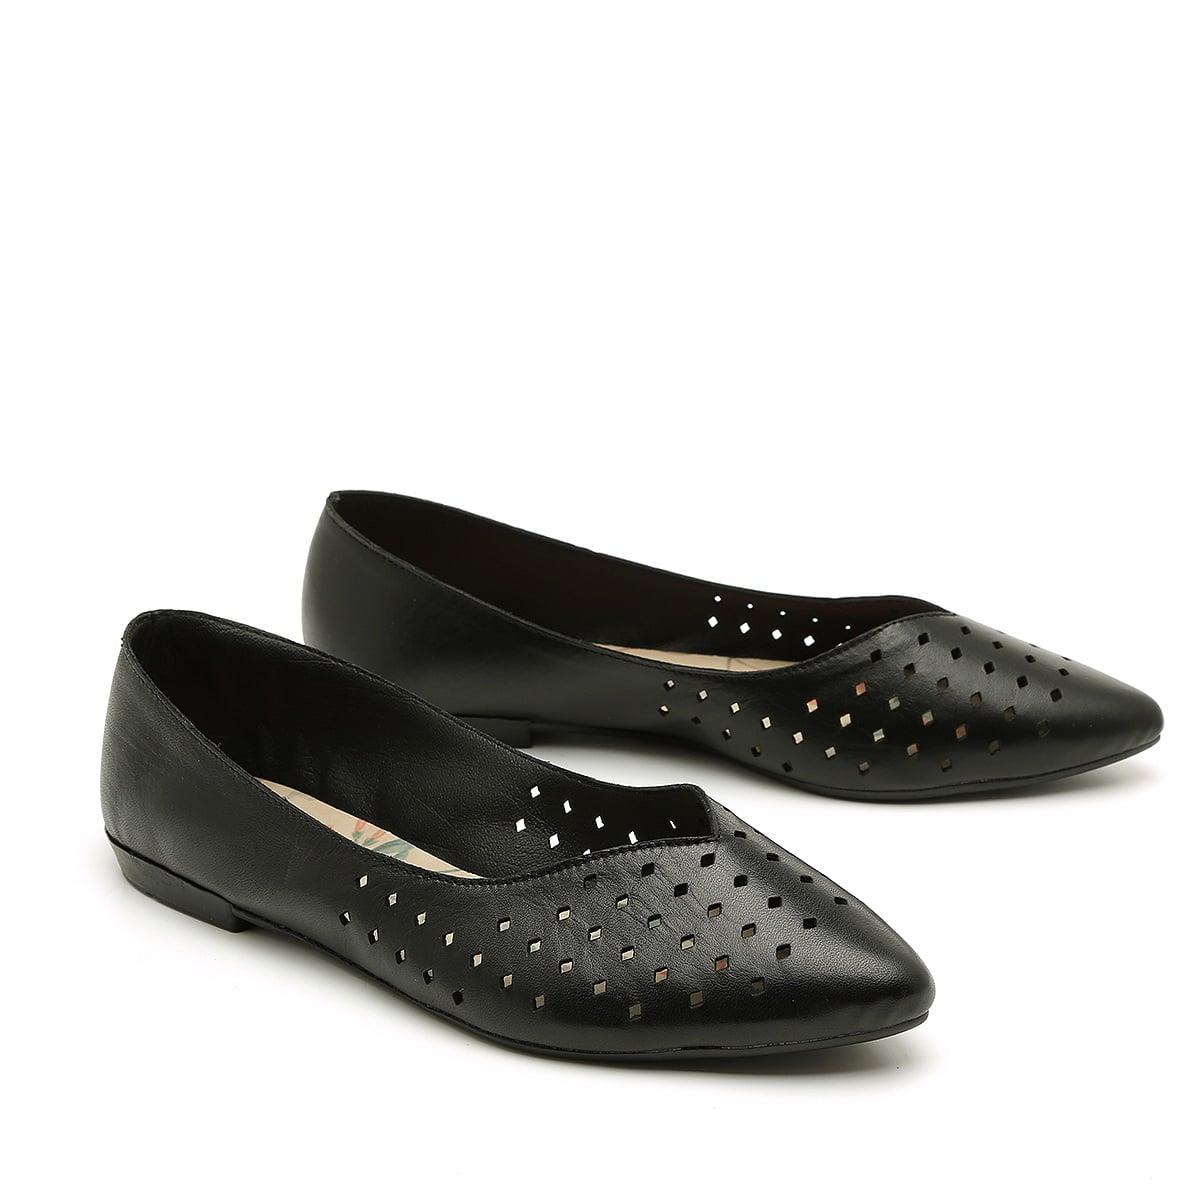 דגם אנני: נעלי סירה לנשים